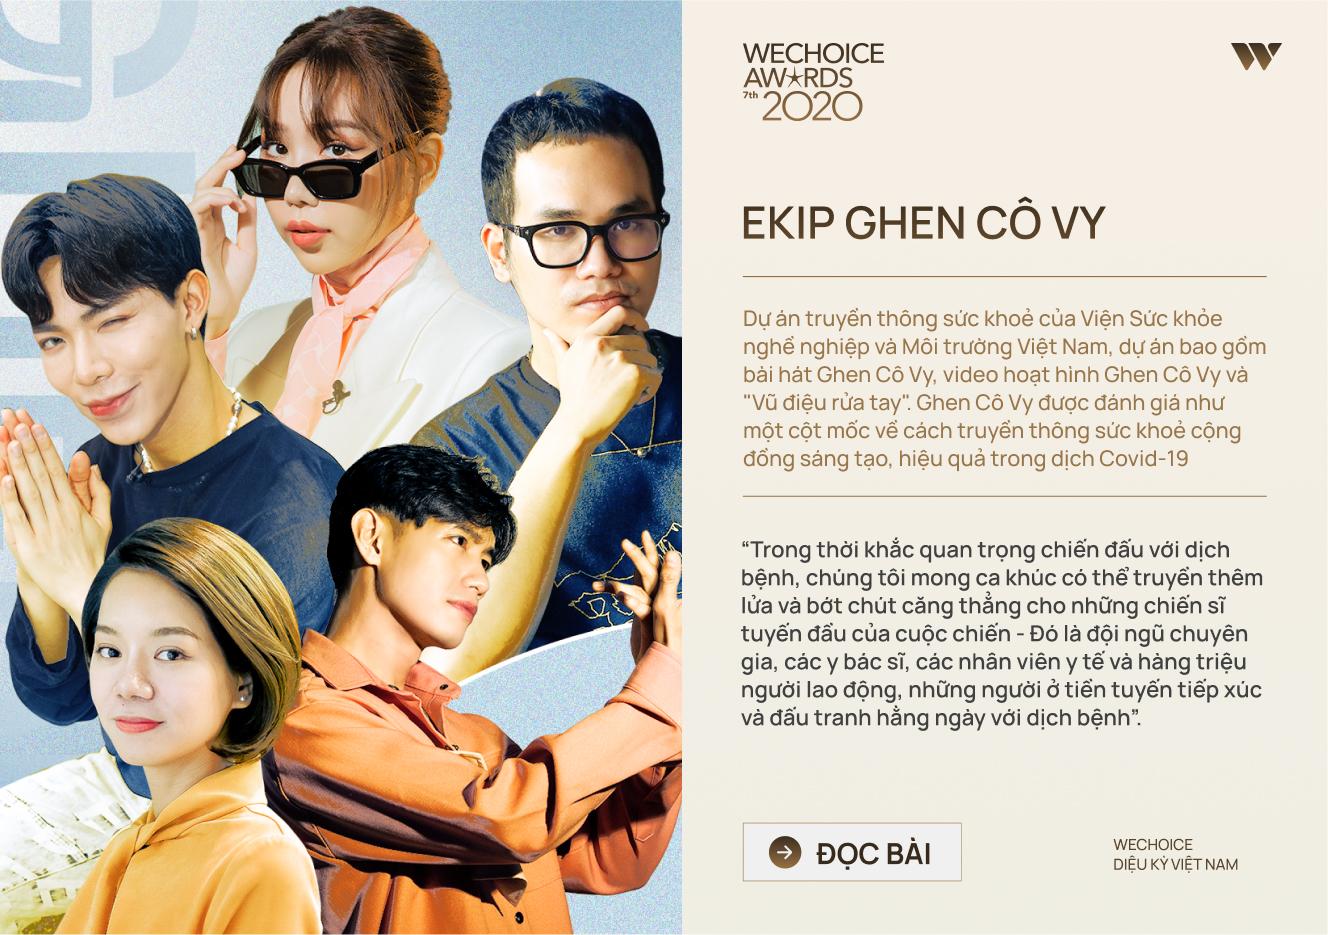 20 đề cử nhân vật truyền cảm hứng của WeChoice Awards 2020: Những câu chuyện tạo nên Diệu kỳ Việt Nam - Ảnh 6.